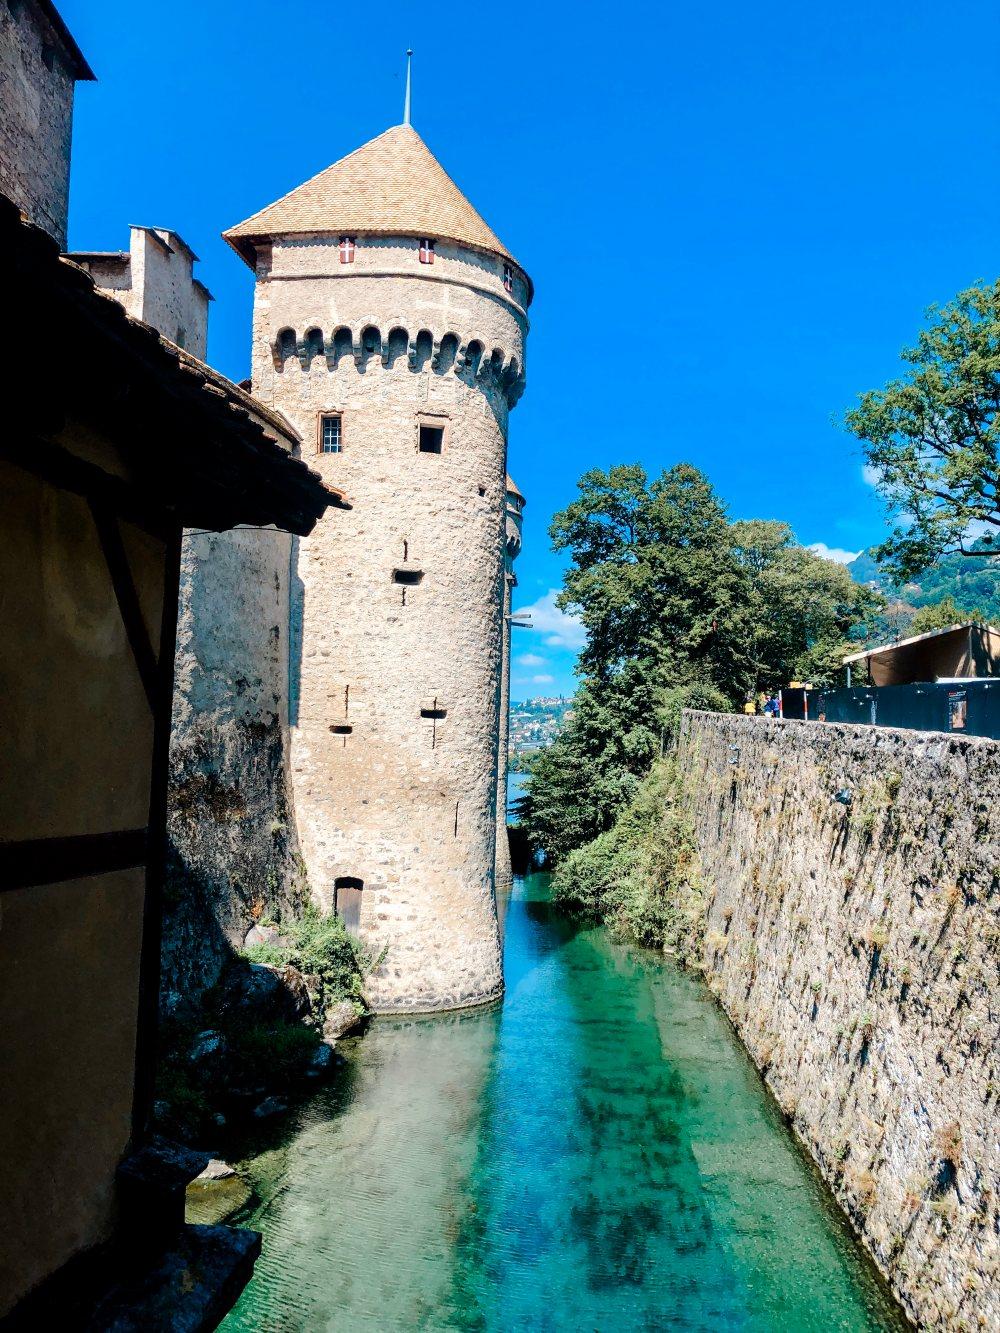 chateau-de-chillon-entrance